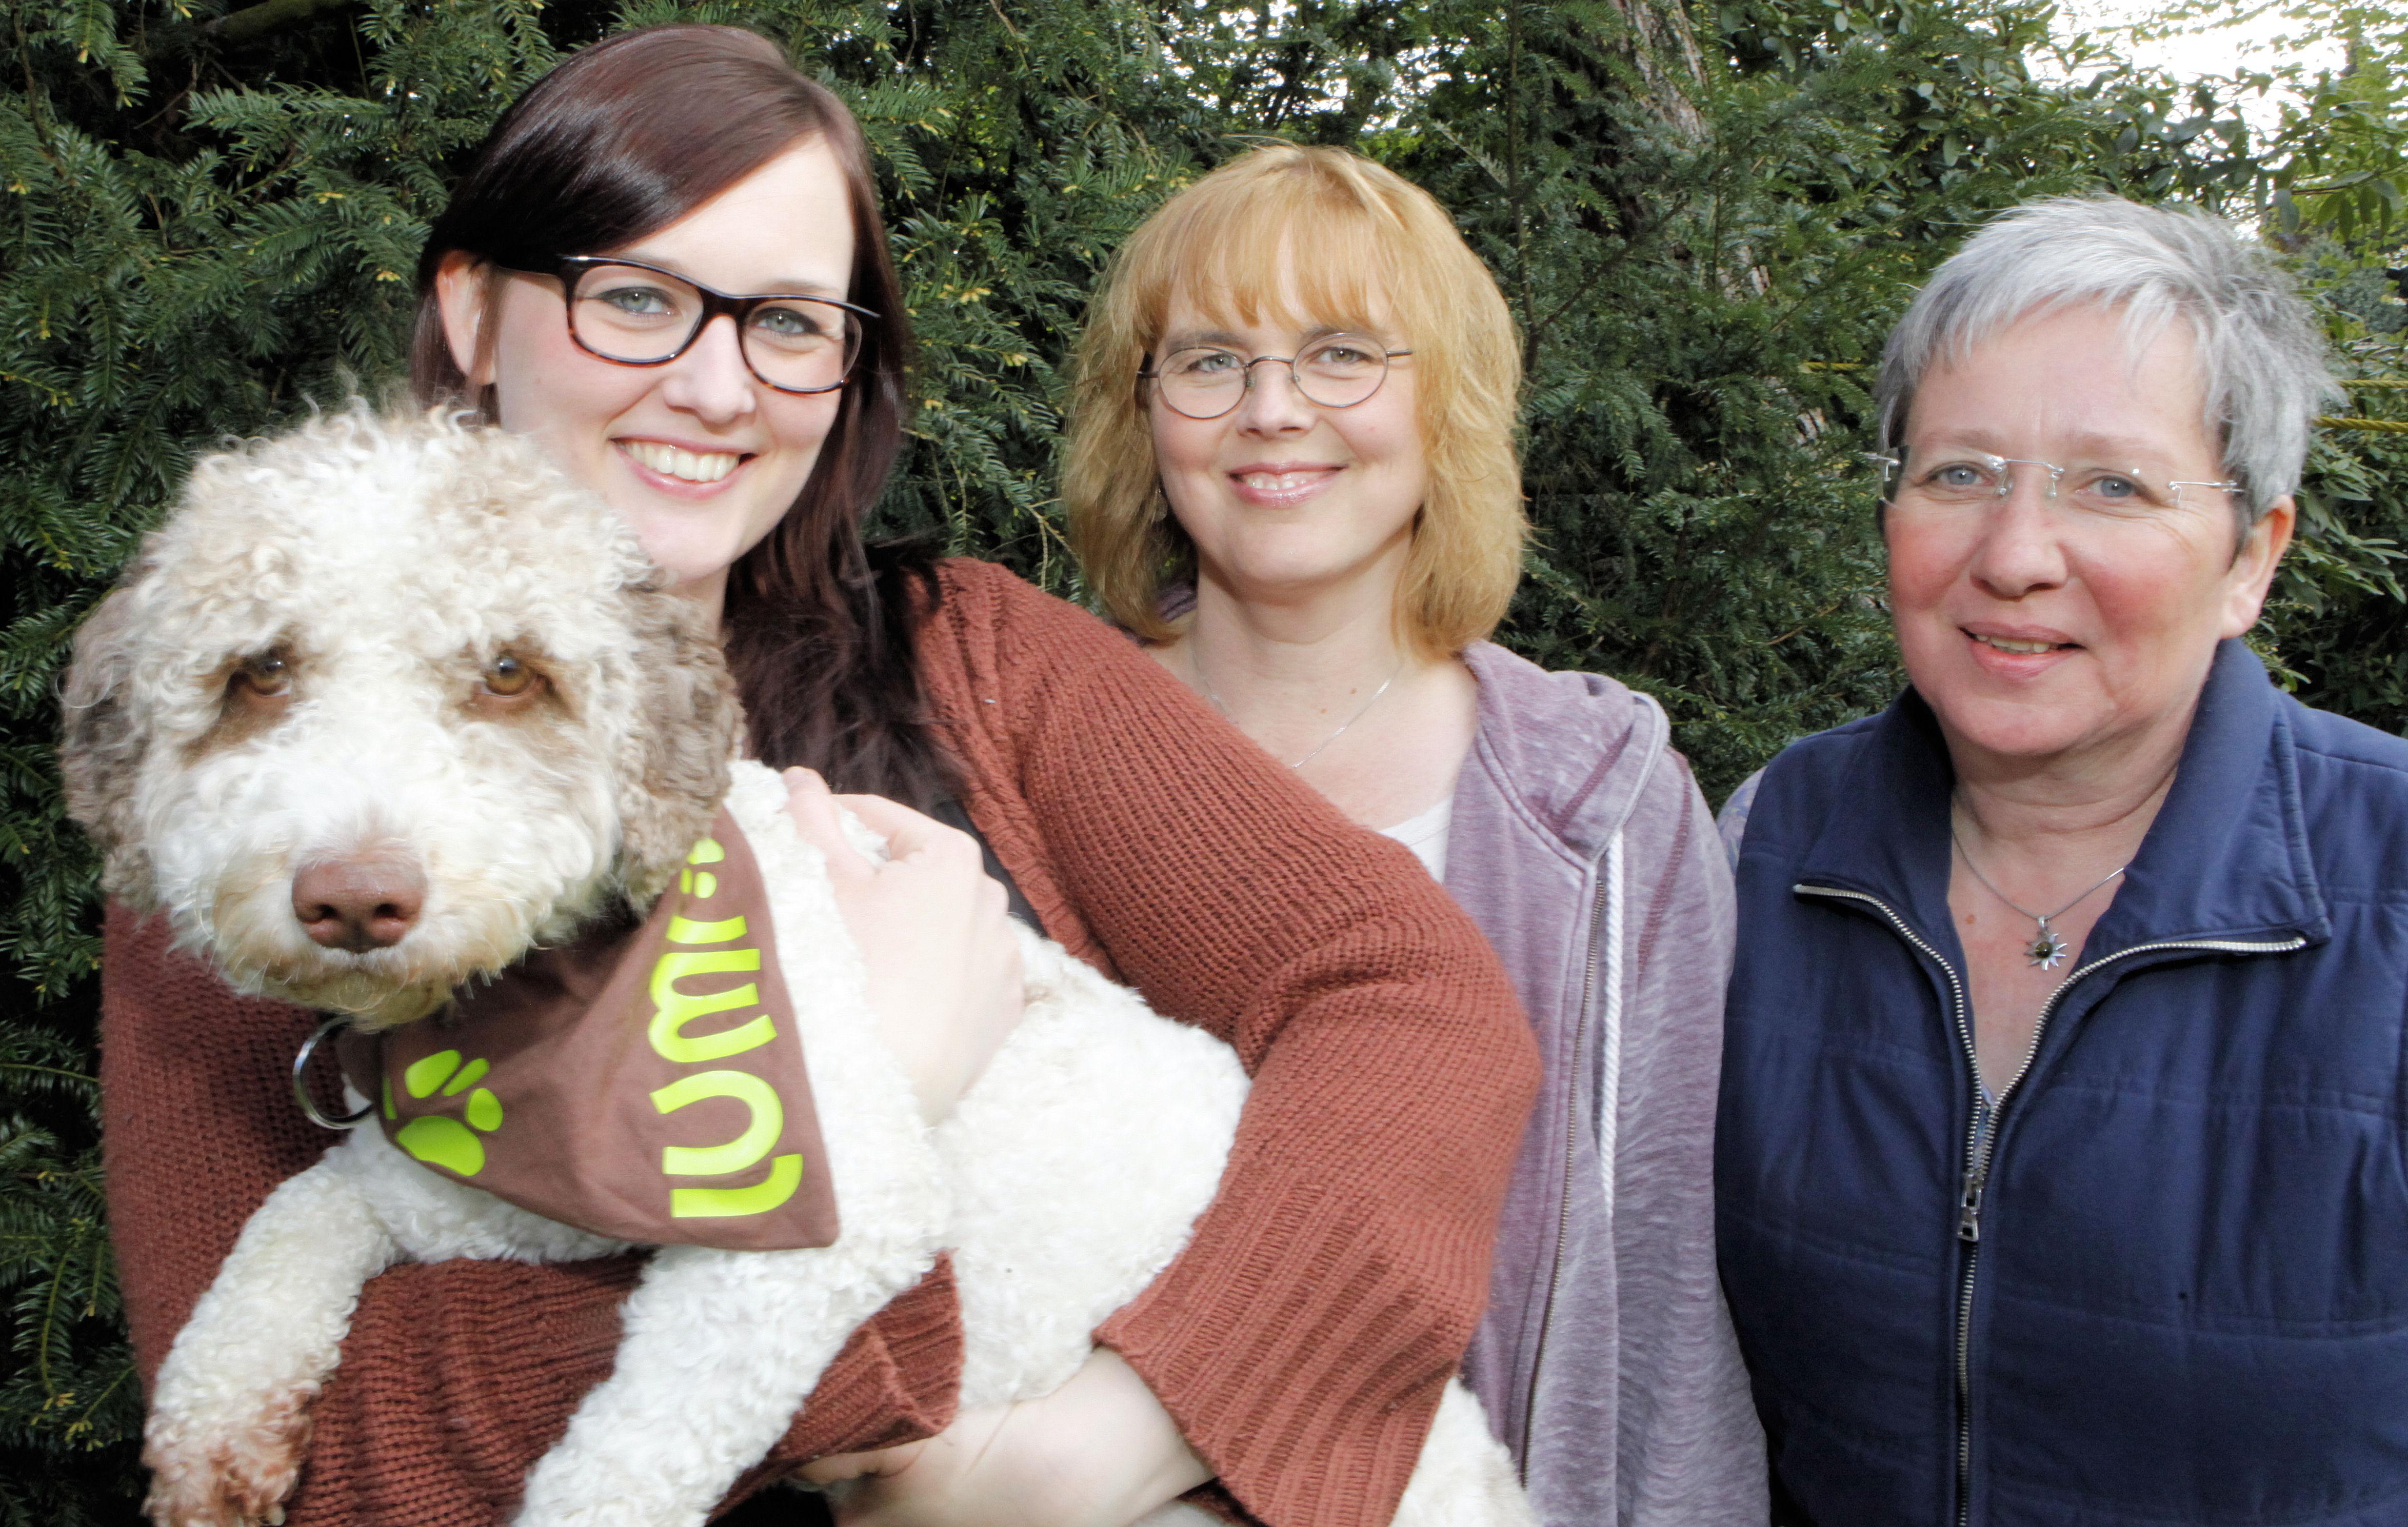 Drei Frauen und ein Hund schauen freundlich